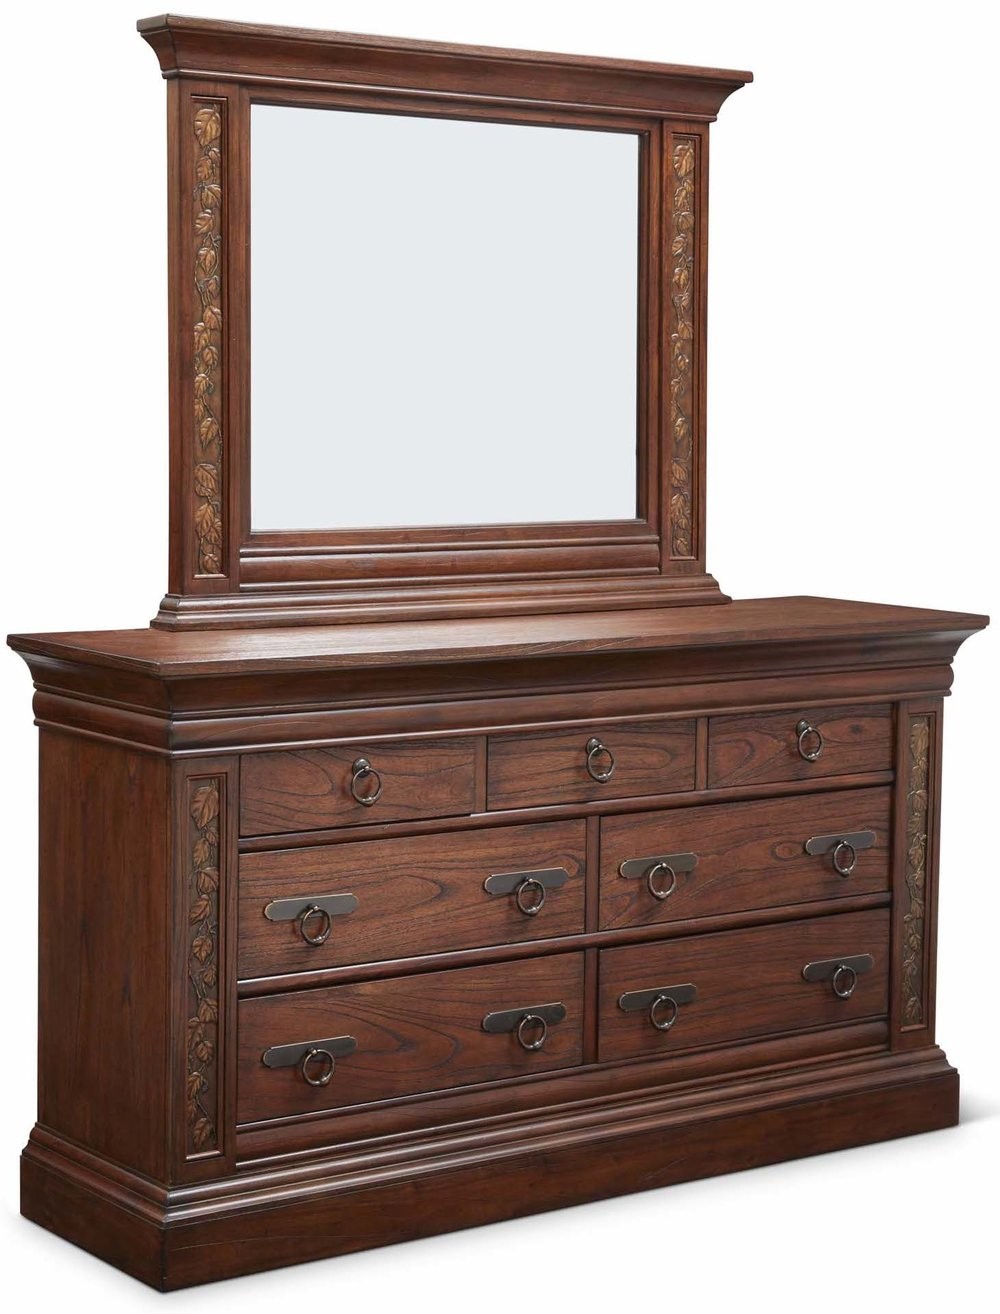 """Aspen Dresser  Item # DI-167105 (G / LB / DB) Dimensions: 68 x 19.5 x 37.5""""H   Aspen Mirror for Dresser  Item # DI-167106 ((G / LB / DB) Dimensions: 49.25 x 4 x 39.25""""H"""